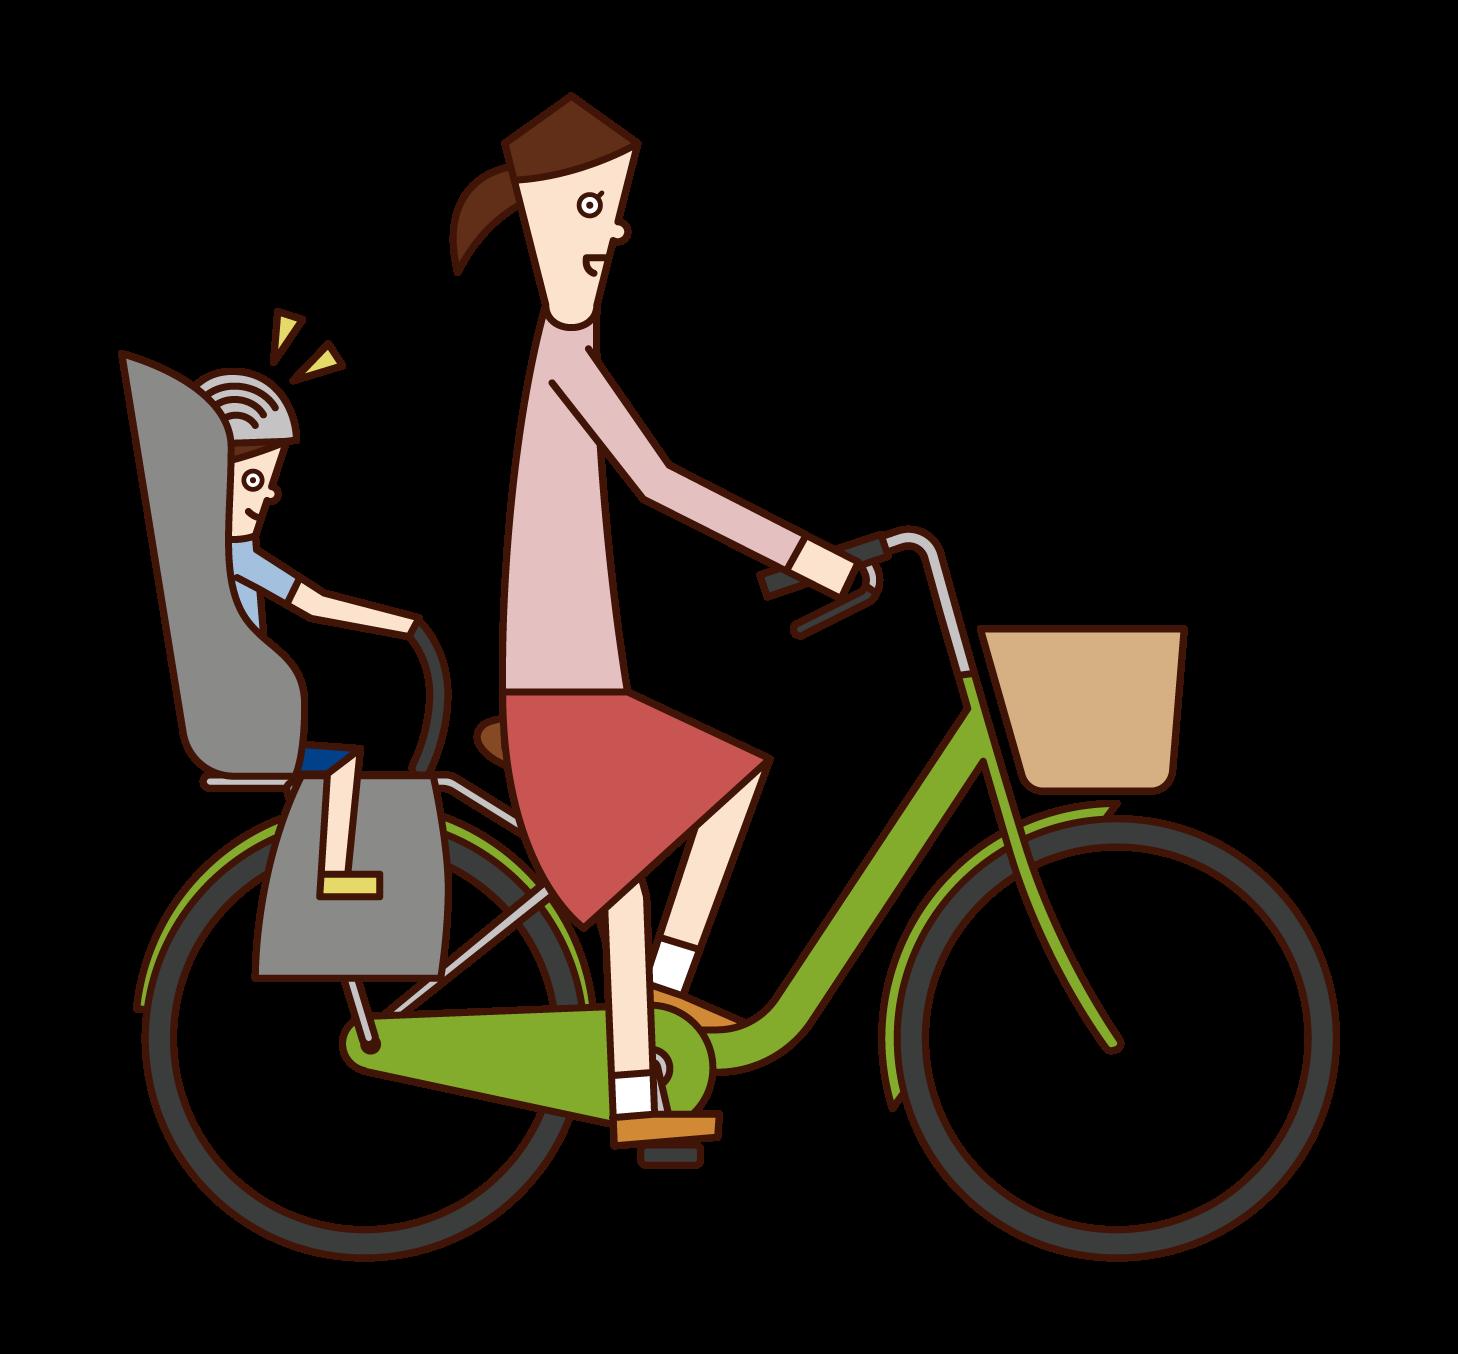 아이 시트에 아이와 함께 자전거를 타는 여성의 그림